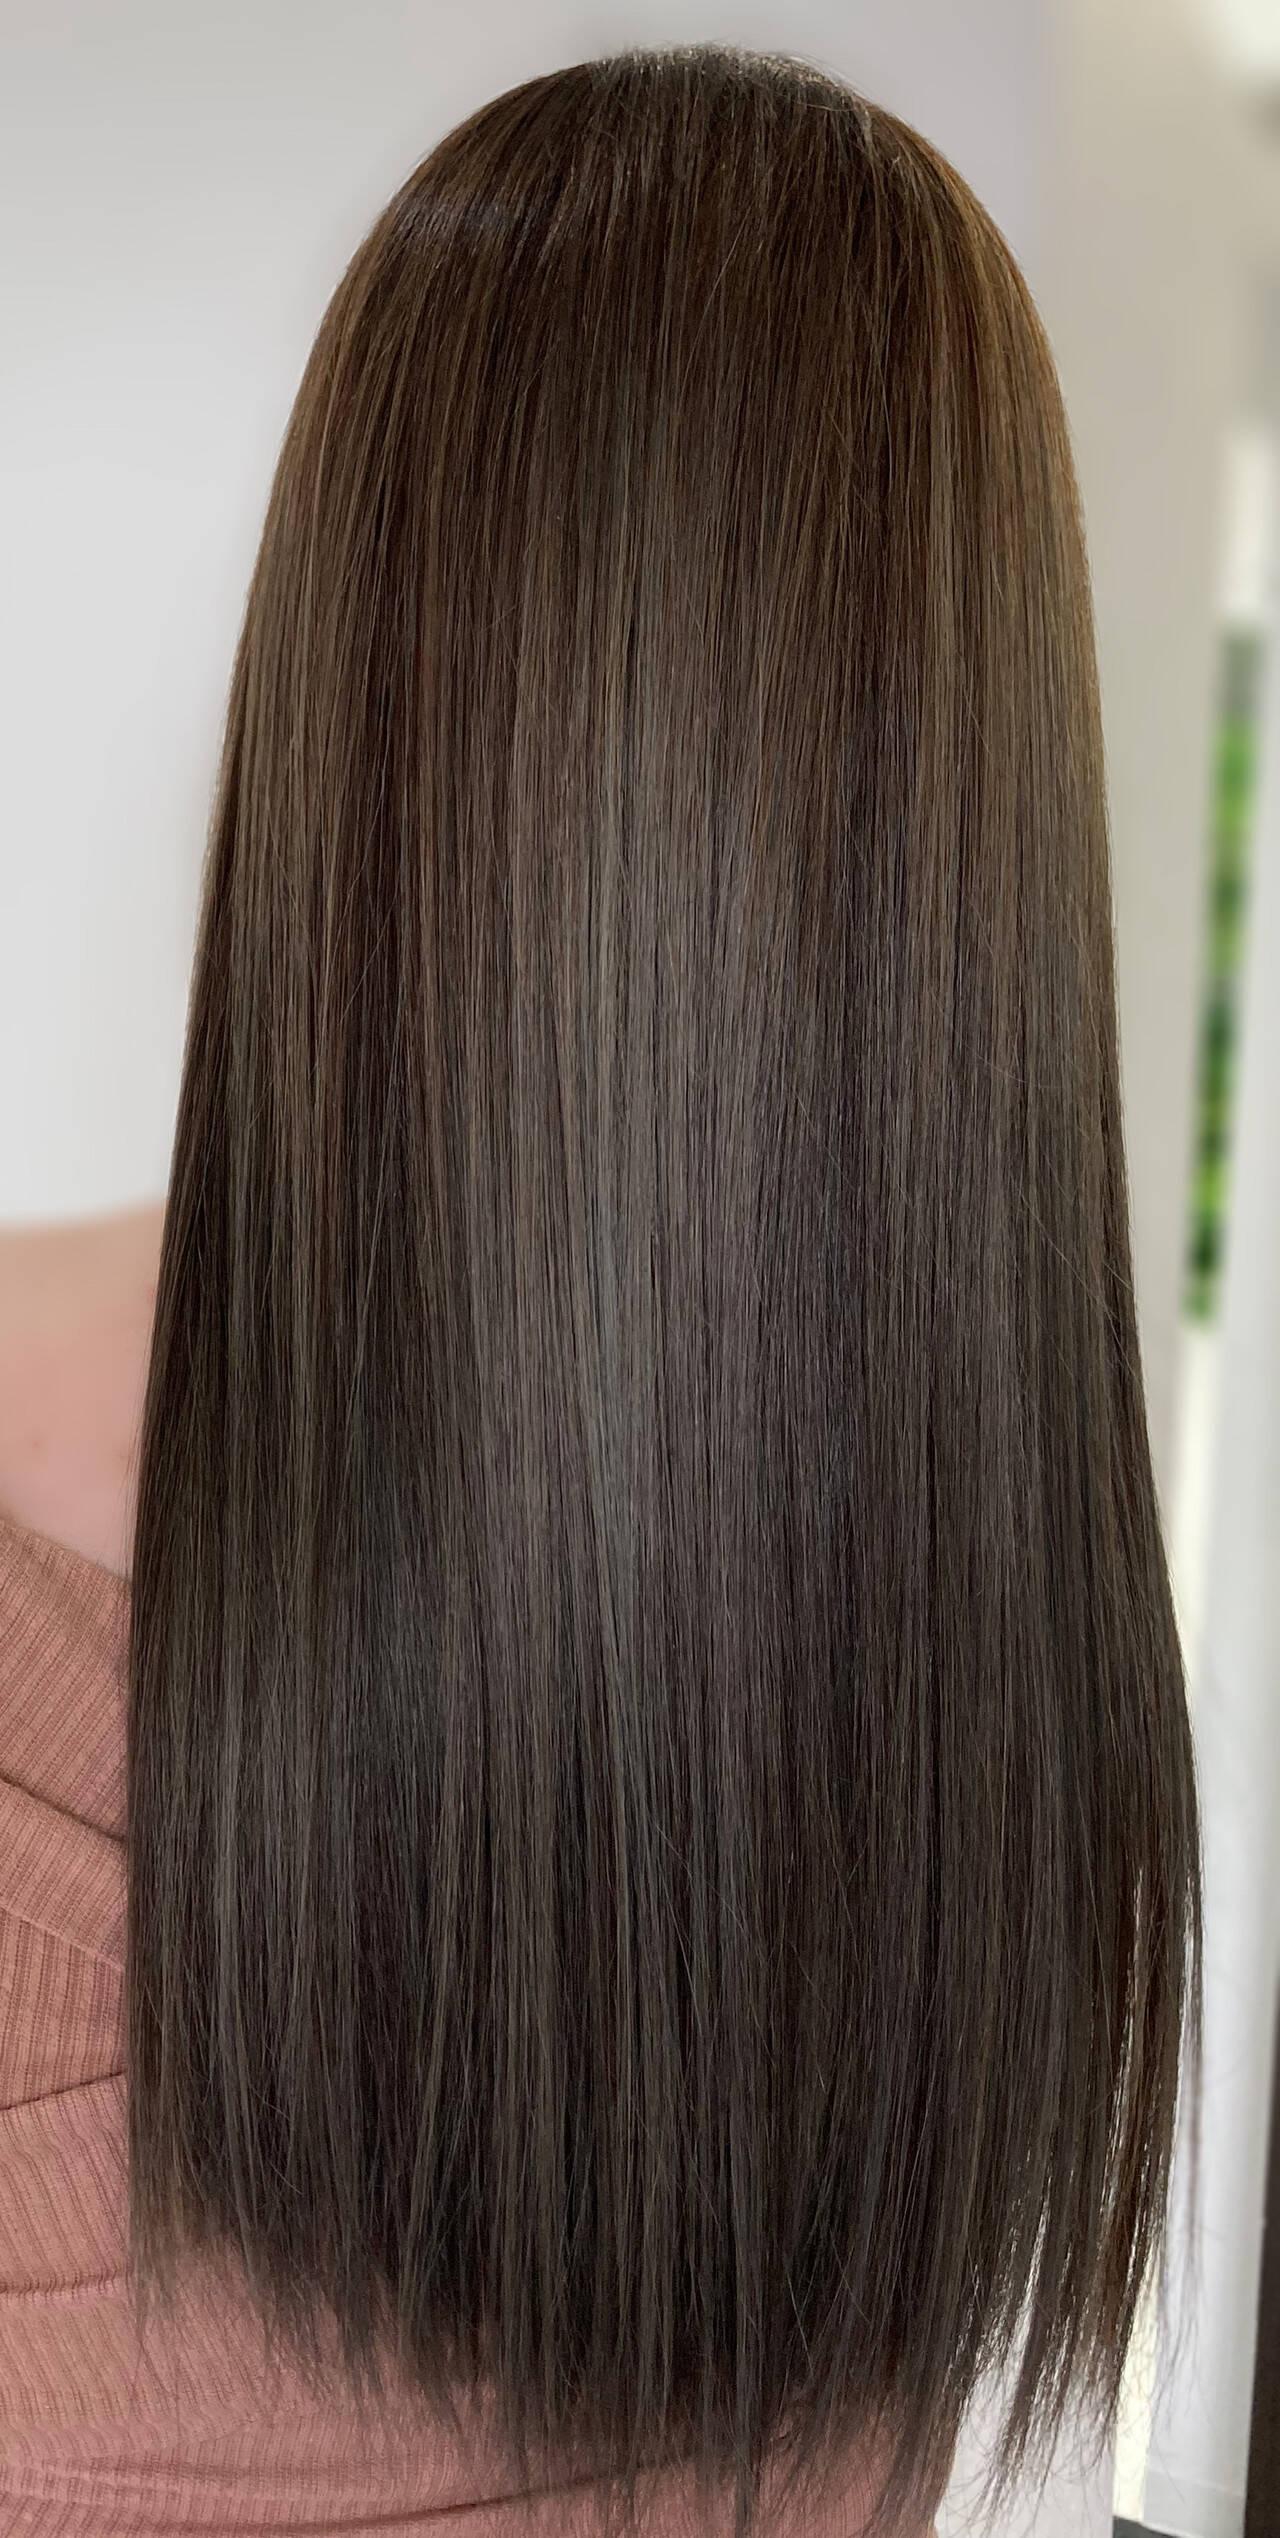 エクステ バレイヤージュ グレージュ ロングヘアスタイルや髪型の写真・画像